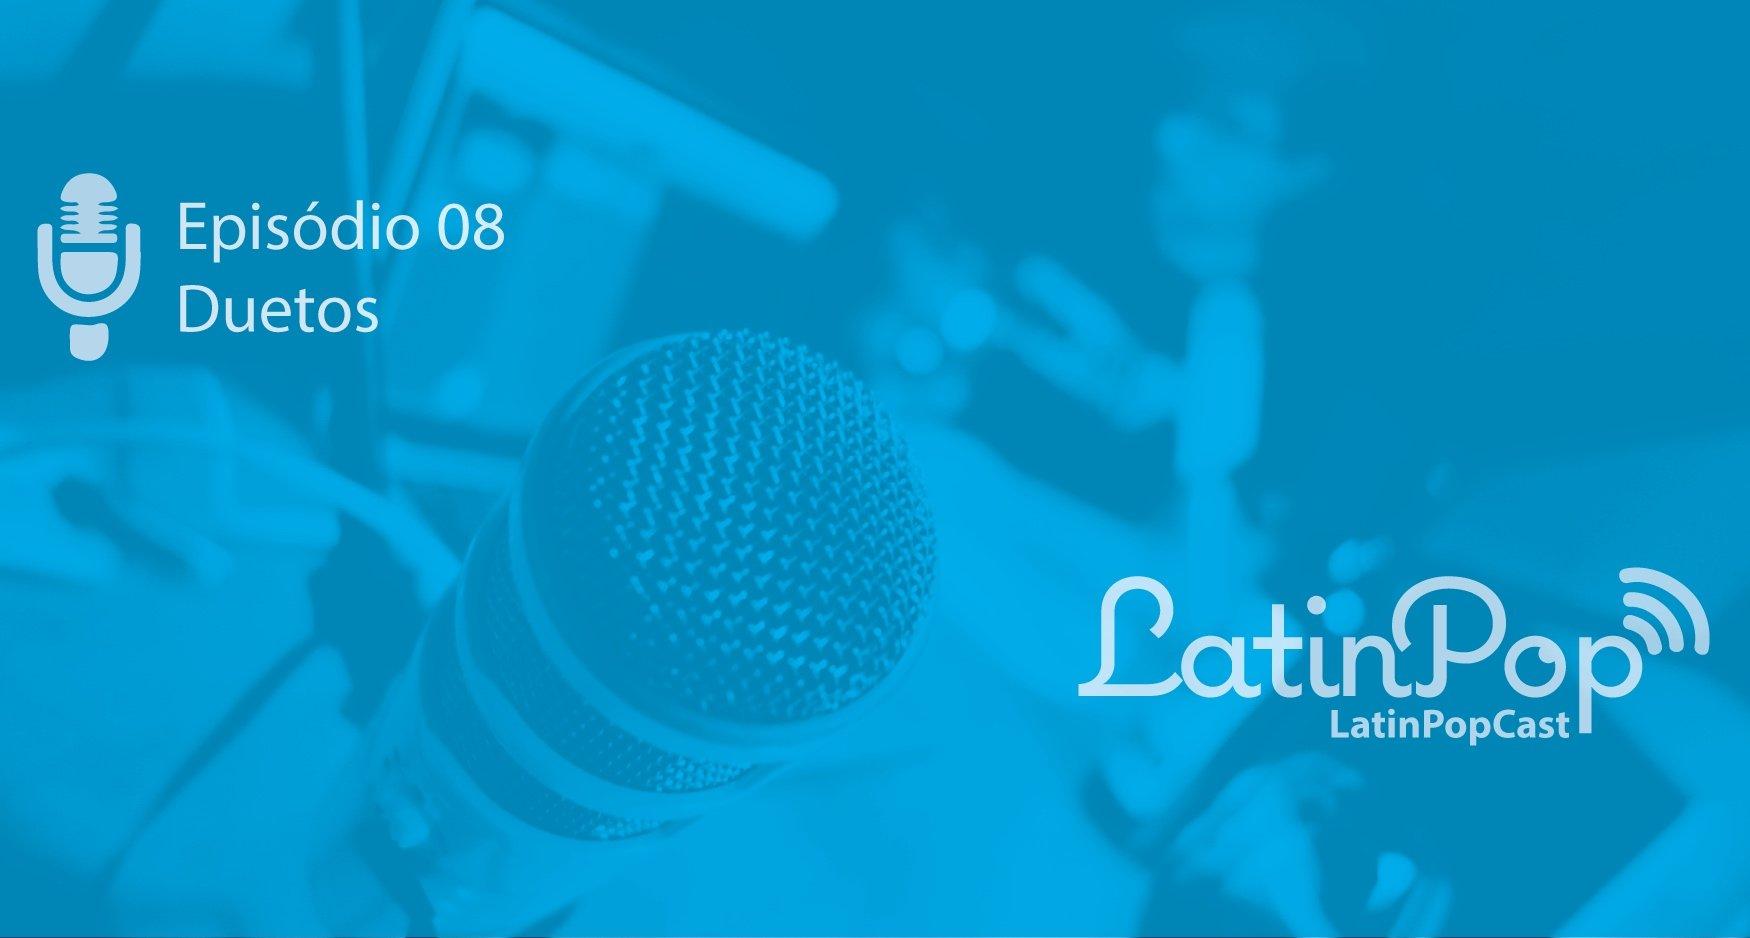 A 8ª edição do LatinPop Cast relembra os melhores duetos entre da música latina com artistas brasileiros